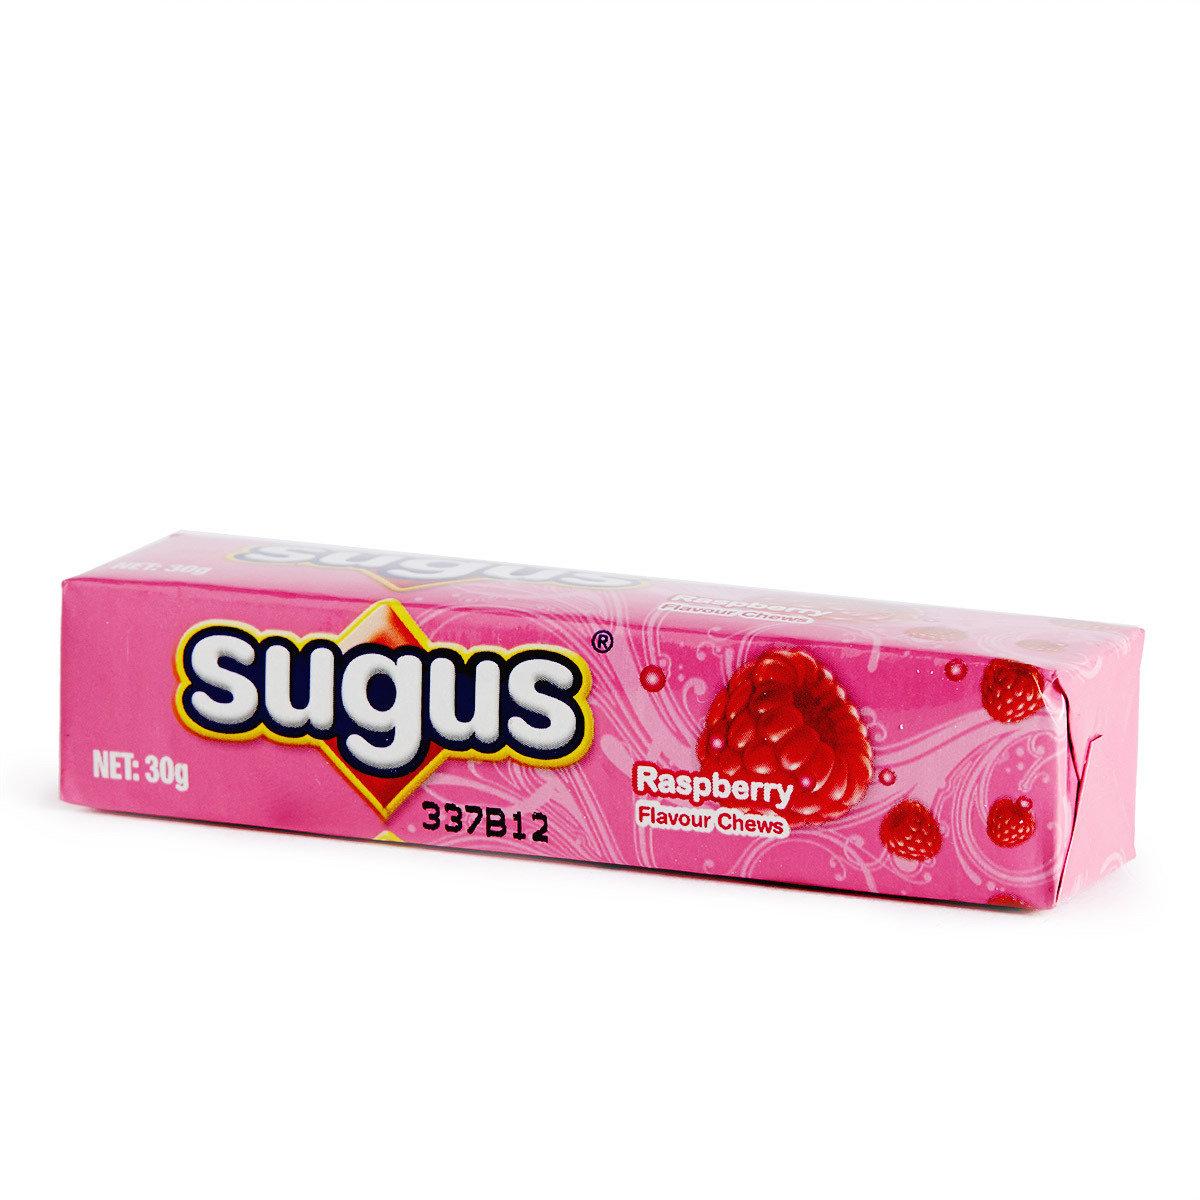 紅莓軟糖條裝